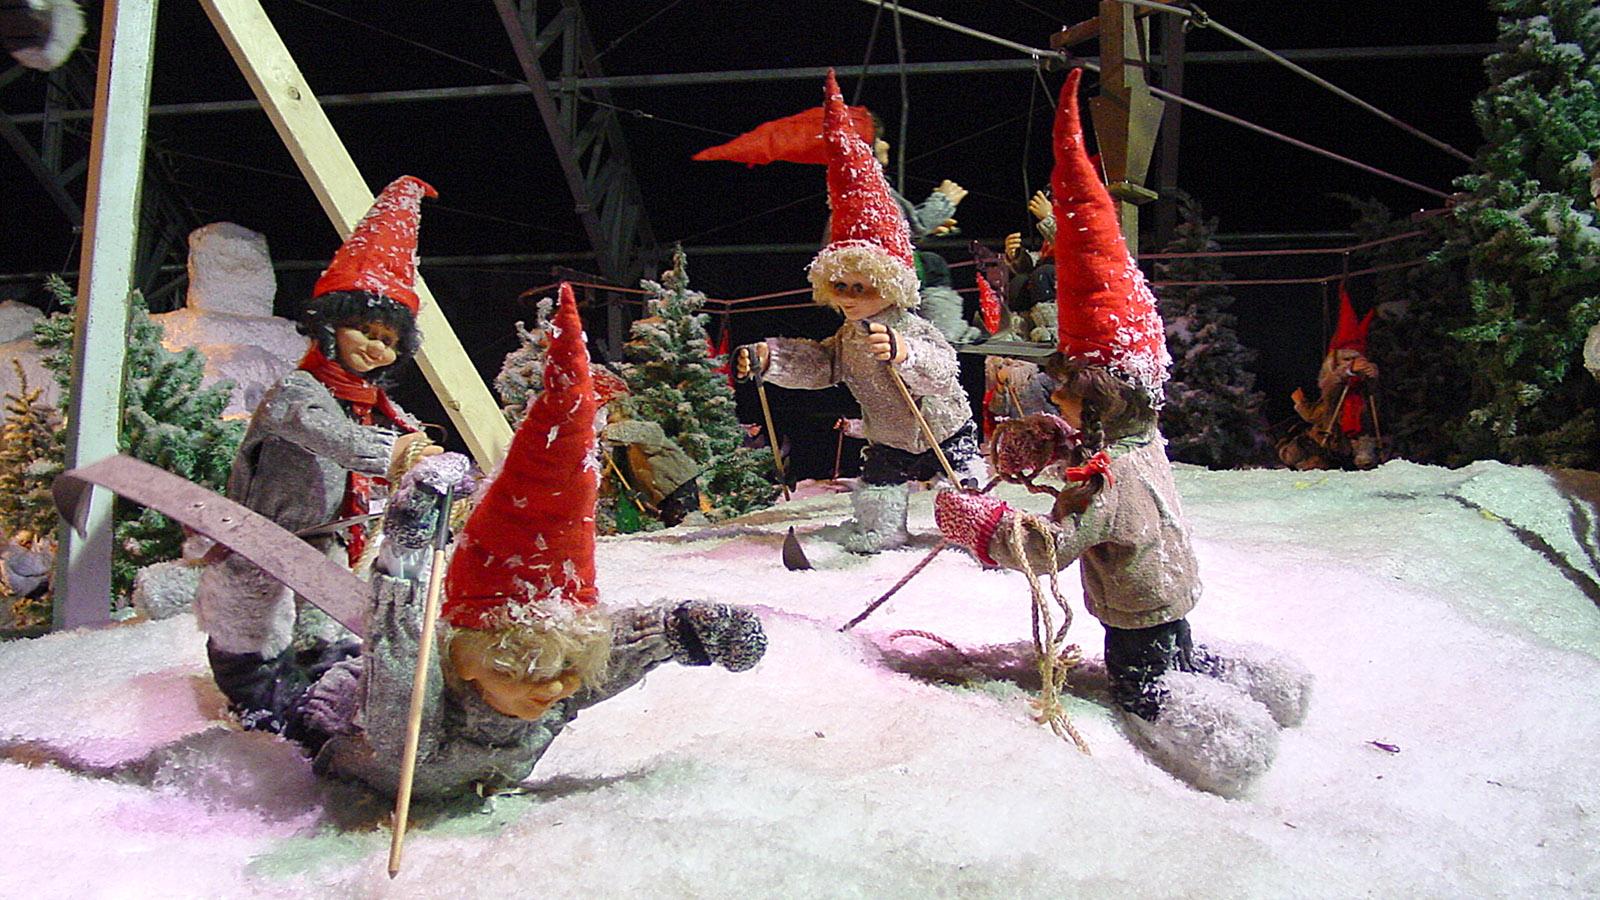 Juletid: Nissekøbing, die Heimat der Weihnachtswichtel vom Tivoli. Foto: Hilke Maunder